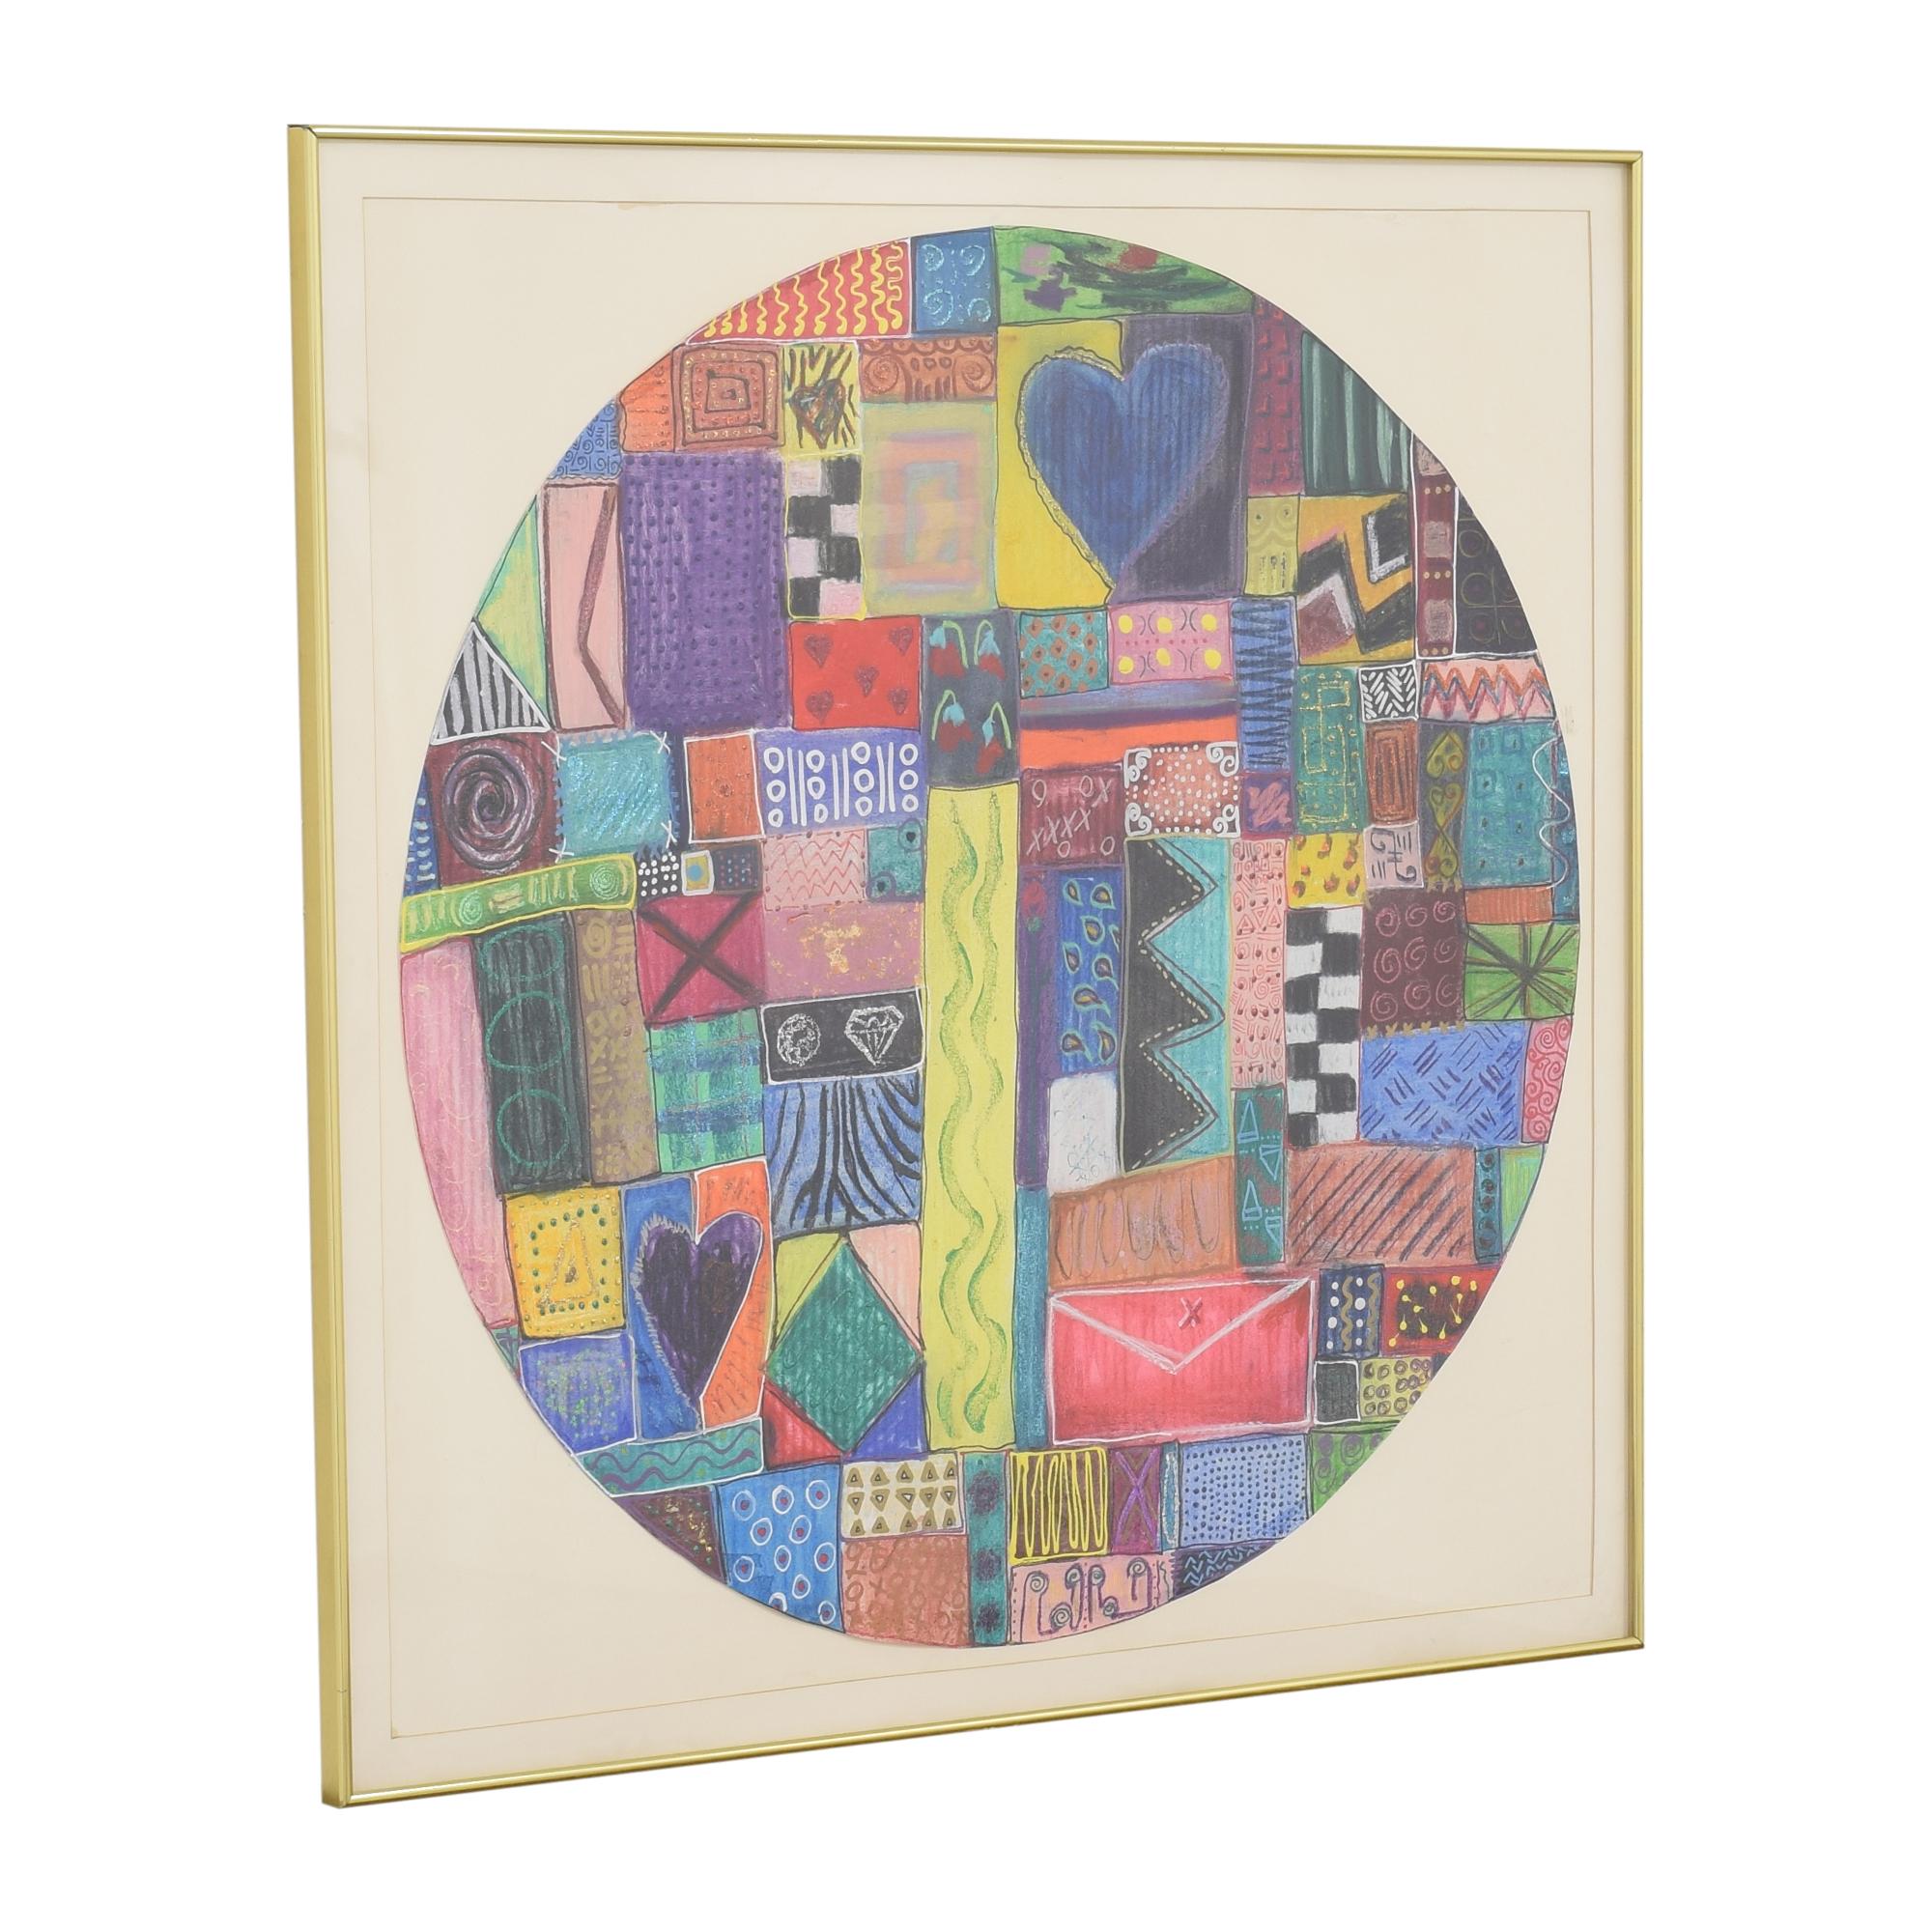 Circular Abstract Wall Art Wall Art